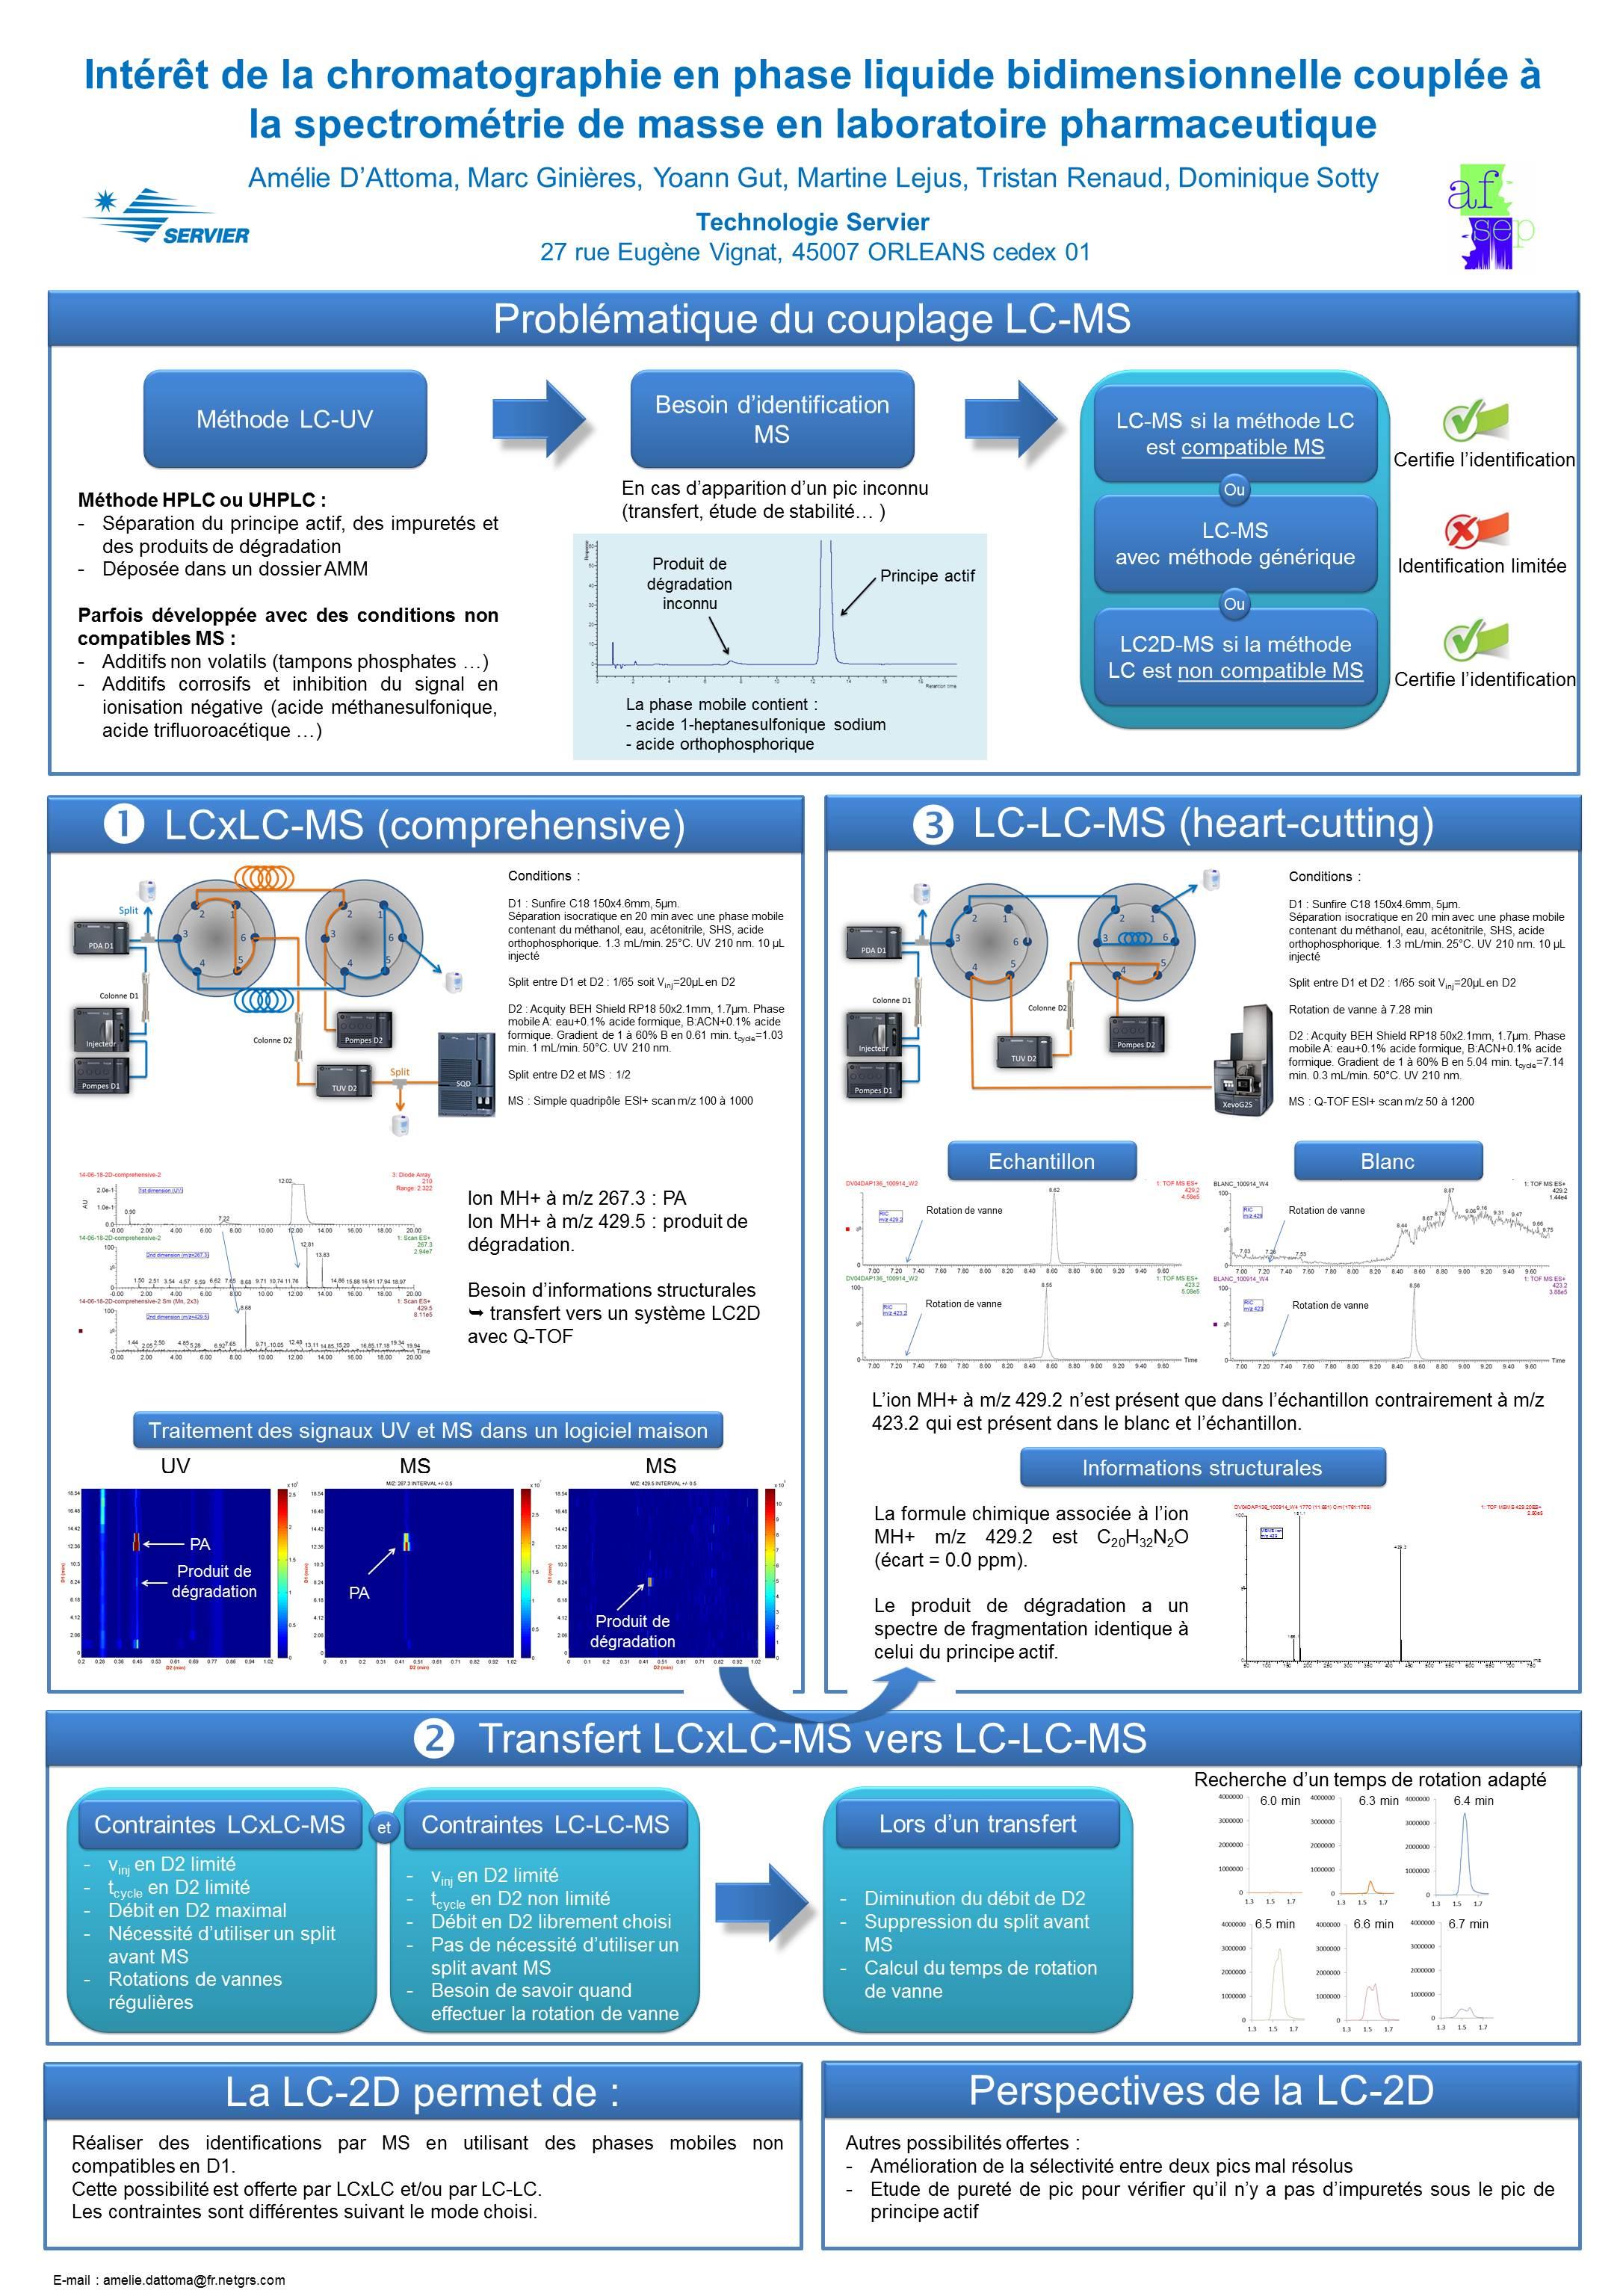 SEP15-Poster-LC2D-compatibilitéMS